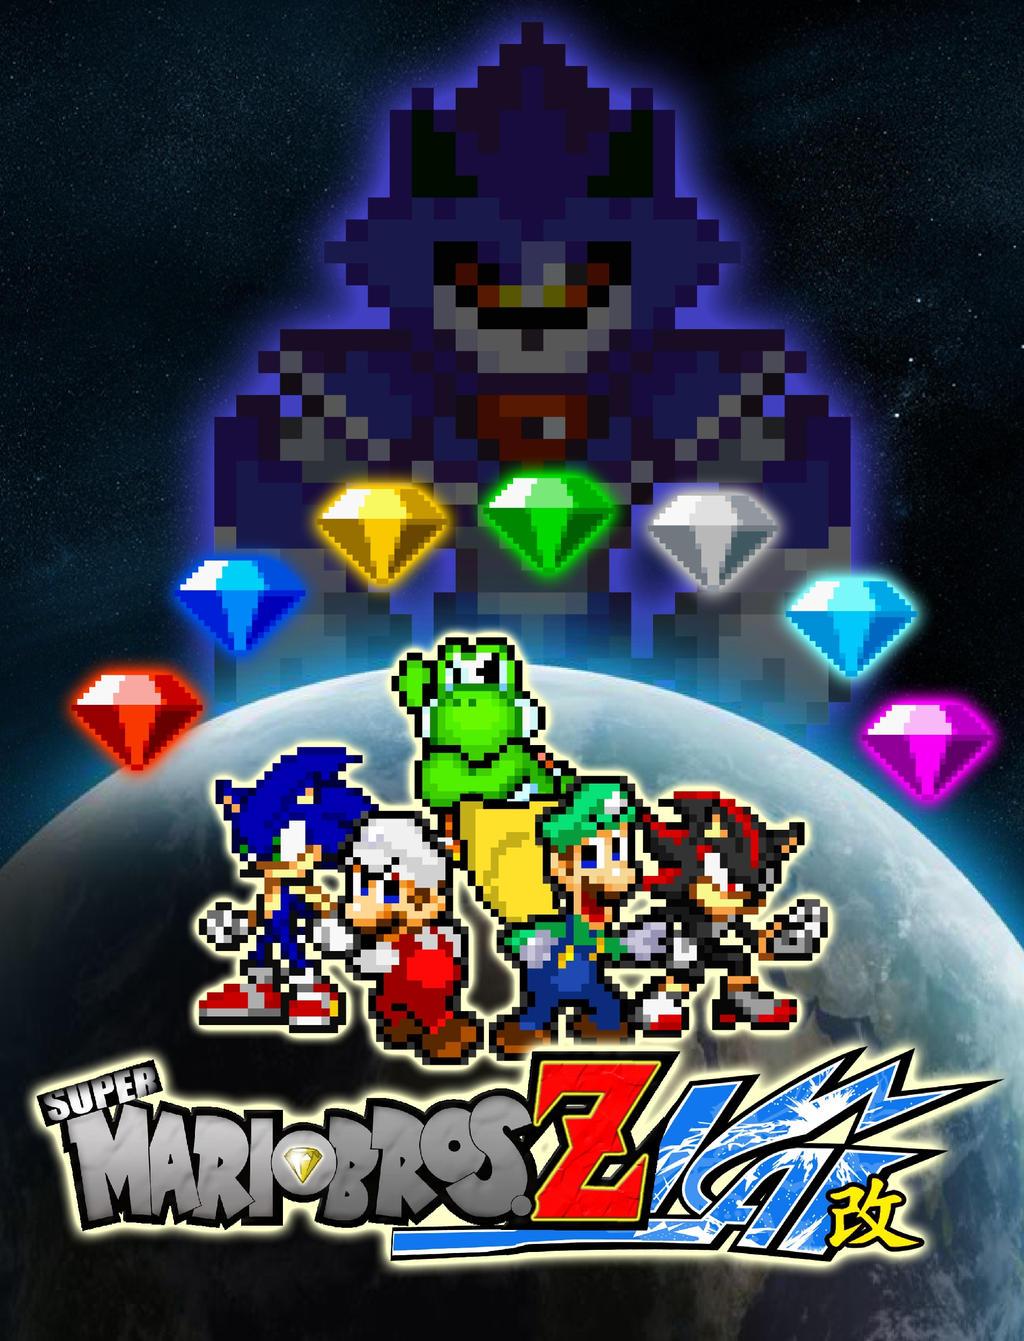 Request - Super Mario Bros Z Kai Poster by KingAsylus91